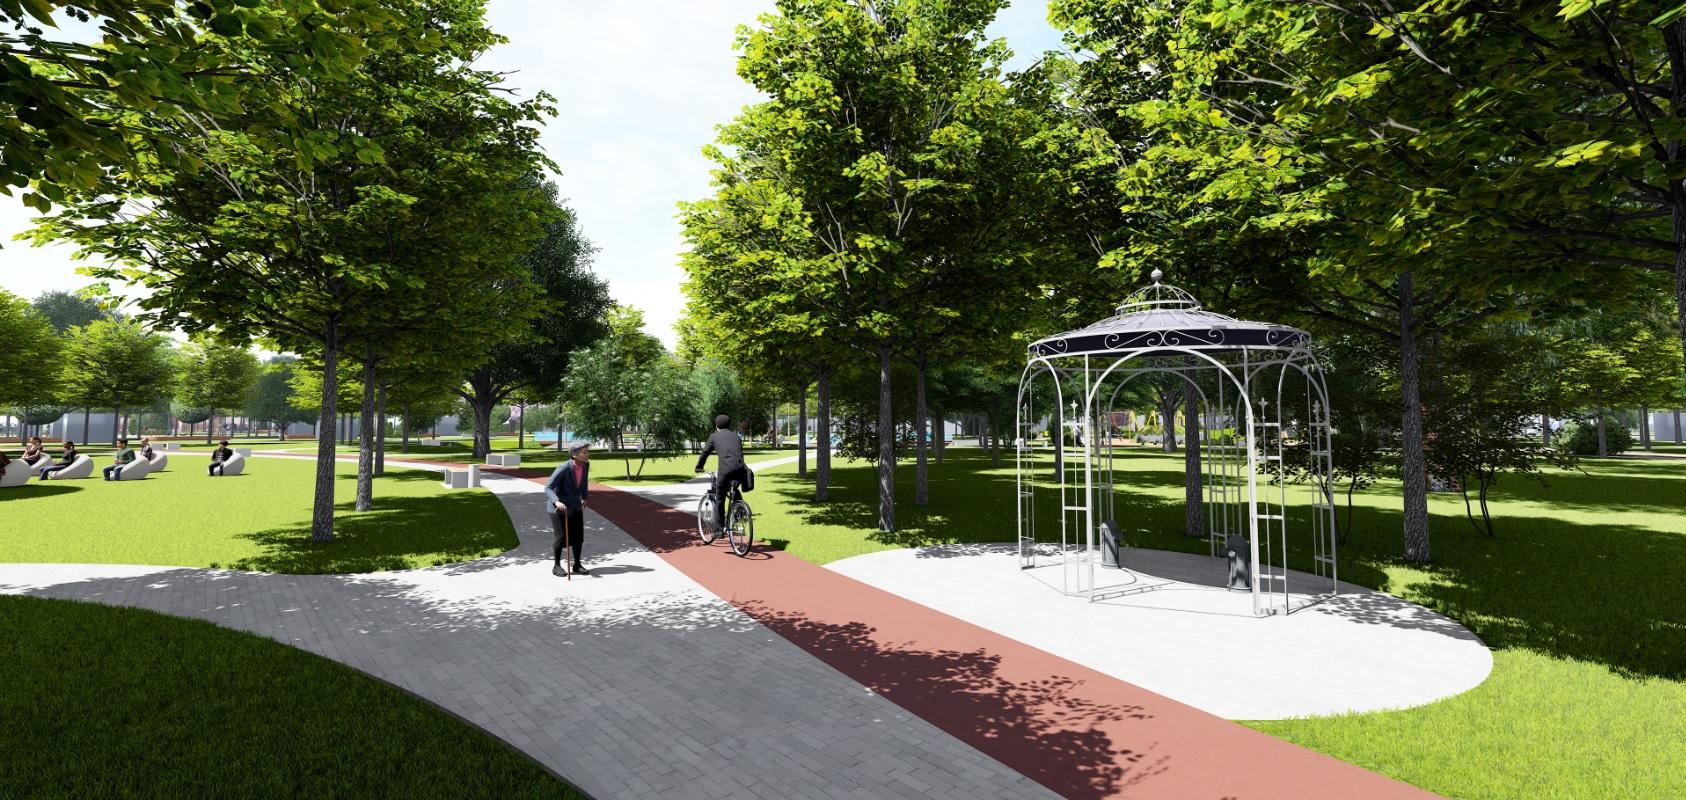 У Фастові оприлюднили проєкт реконструкції міського парку імені Гагаріна - Фастів, реконструкція, парк імені Гагаріна - Park12